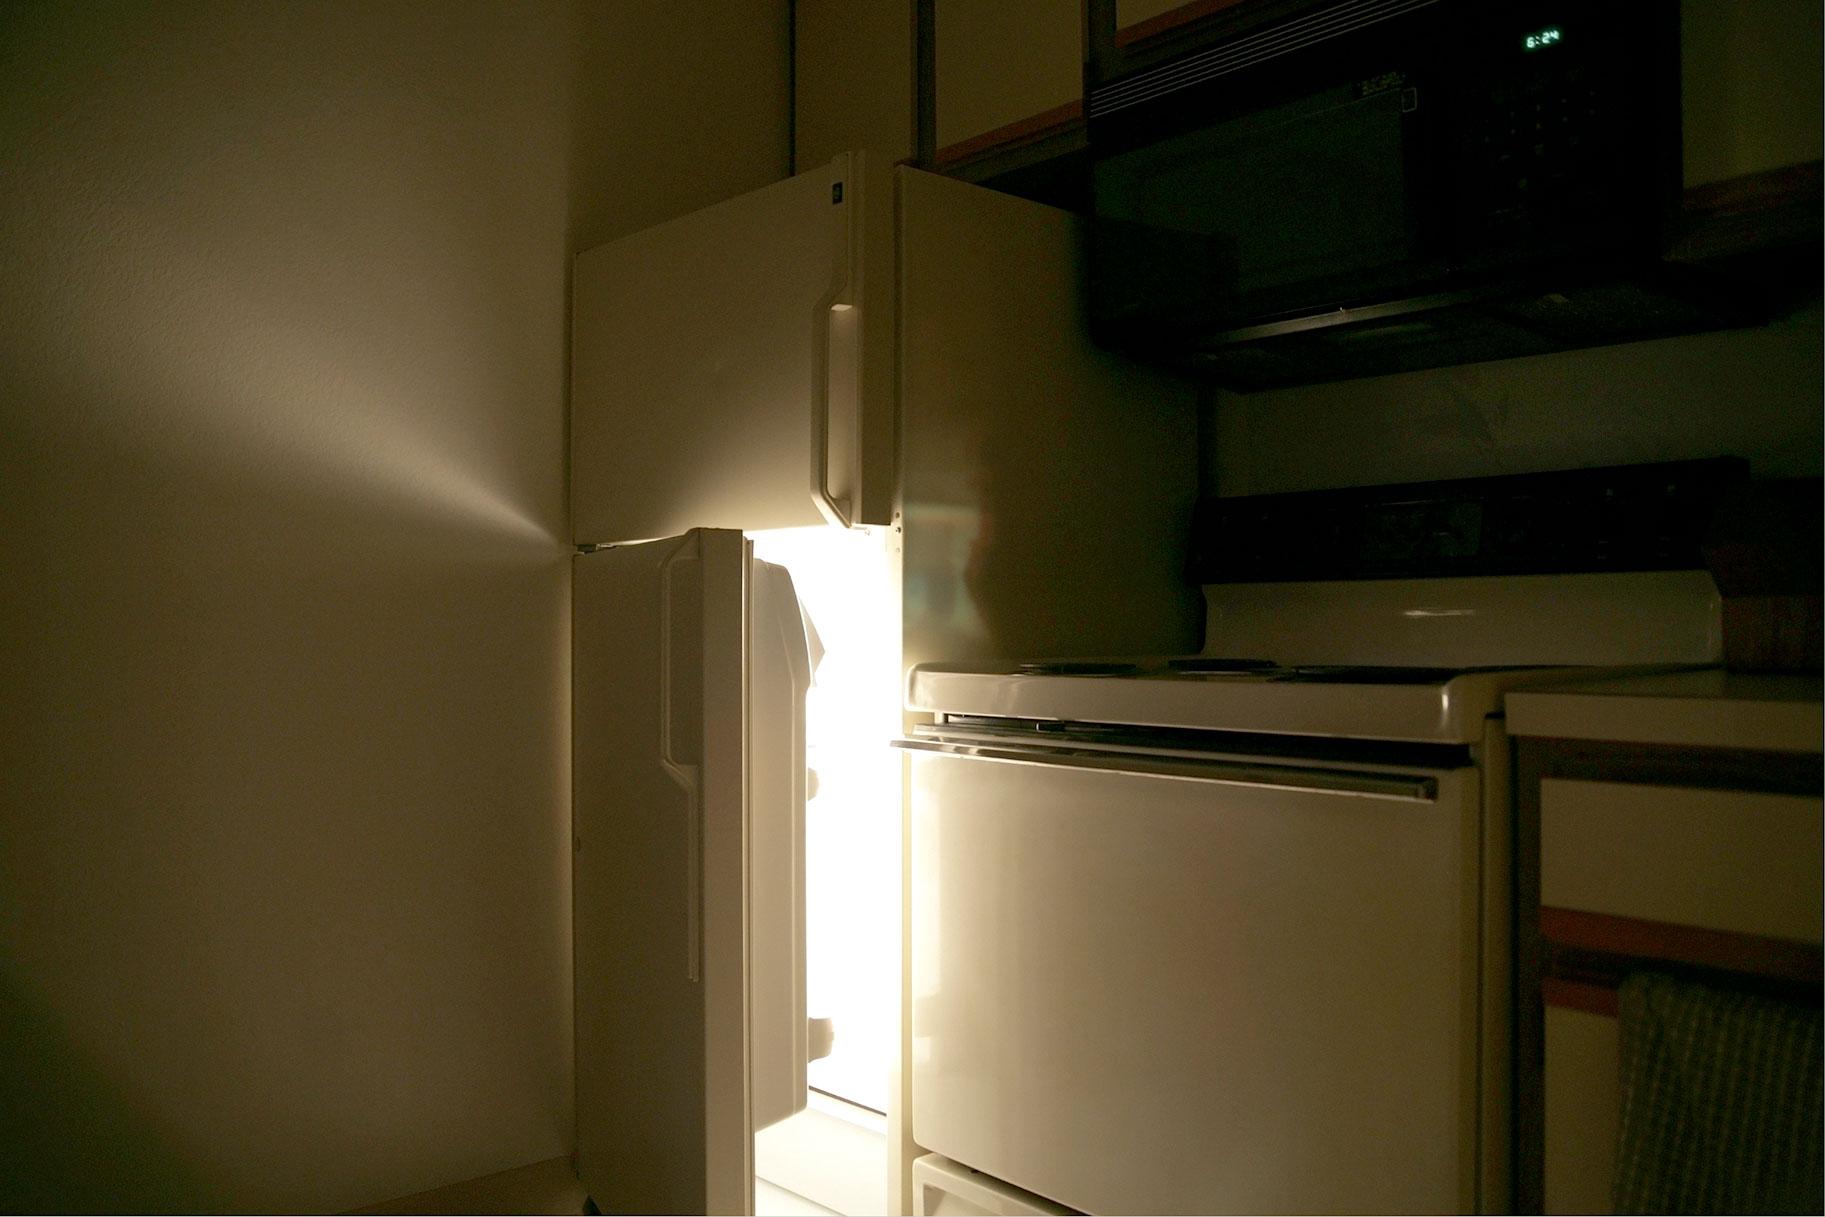 """Politsei avastab kadunud inimeste otsingute ajal külmkapis hoitud """"eraldatud inimpea"""""""